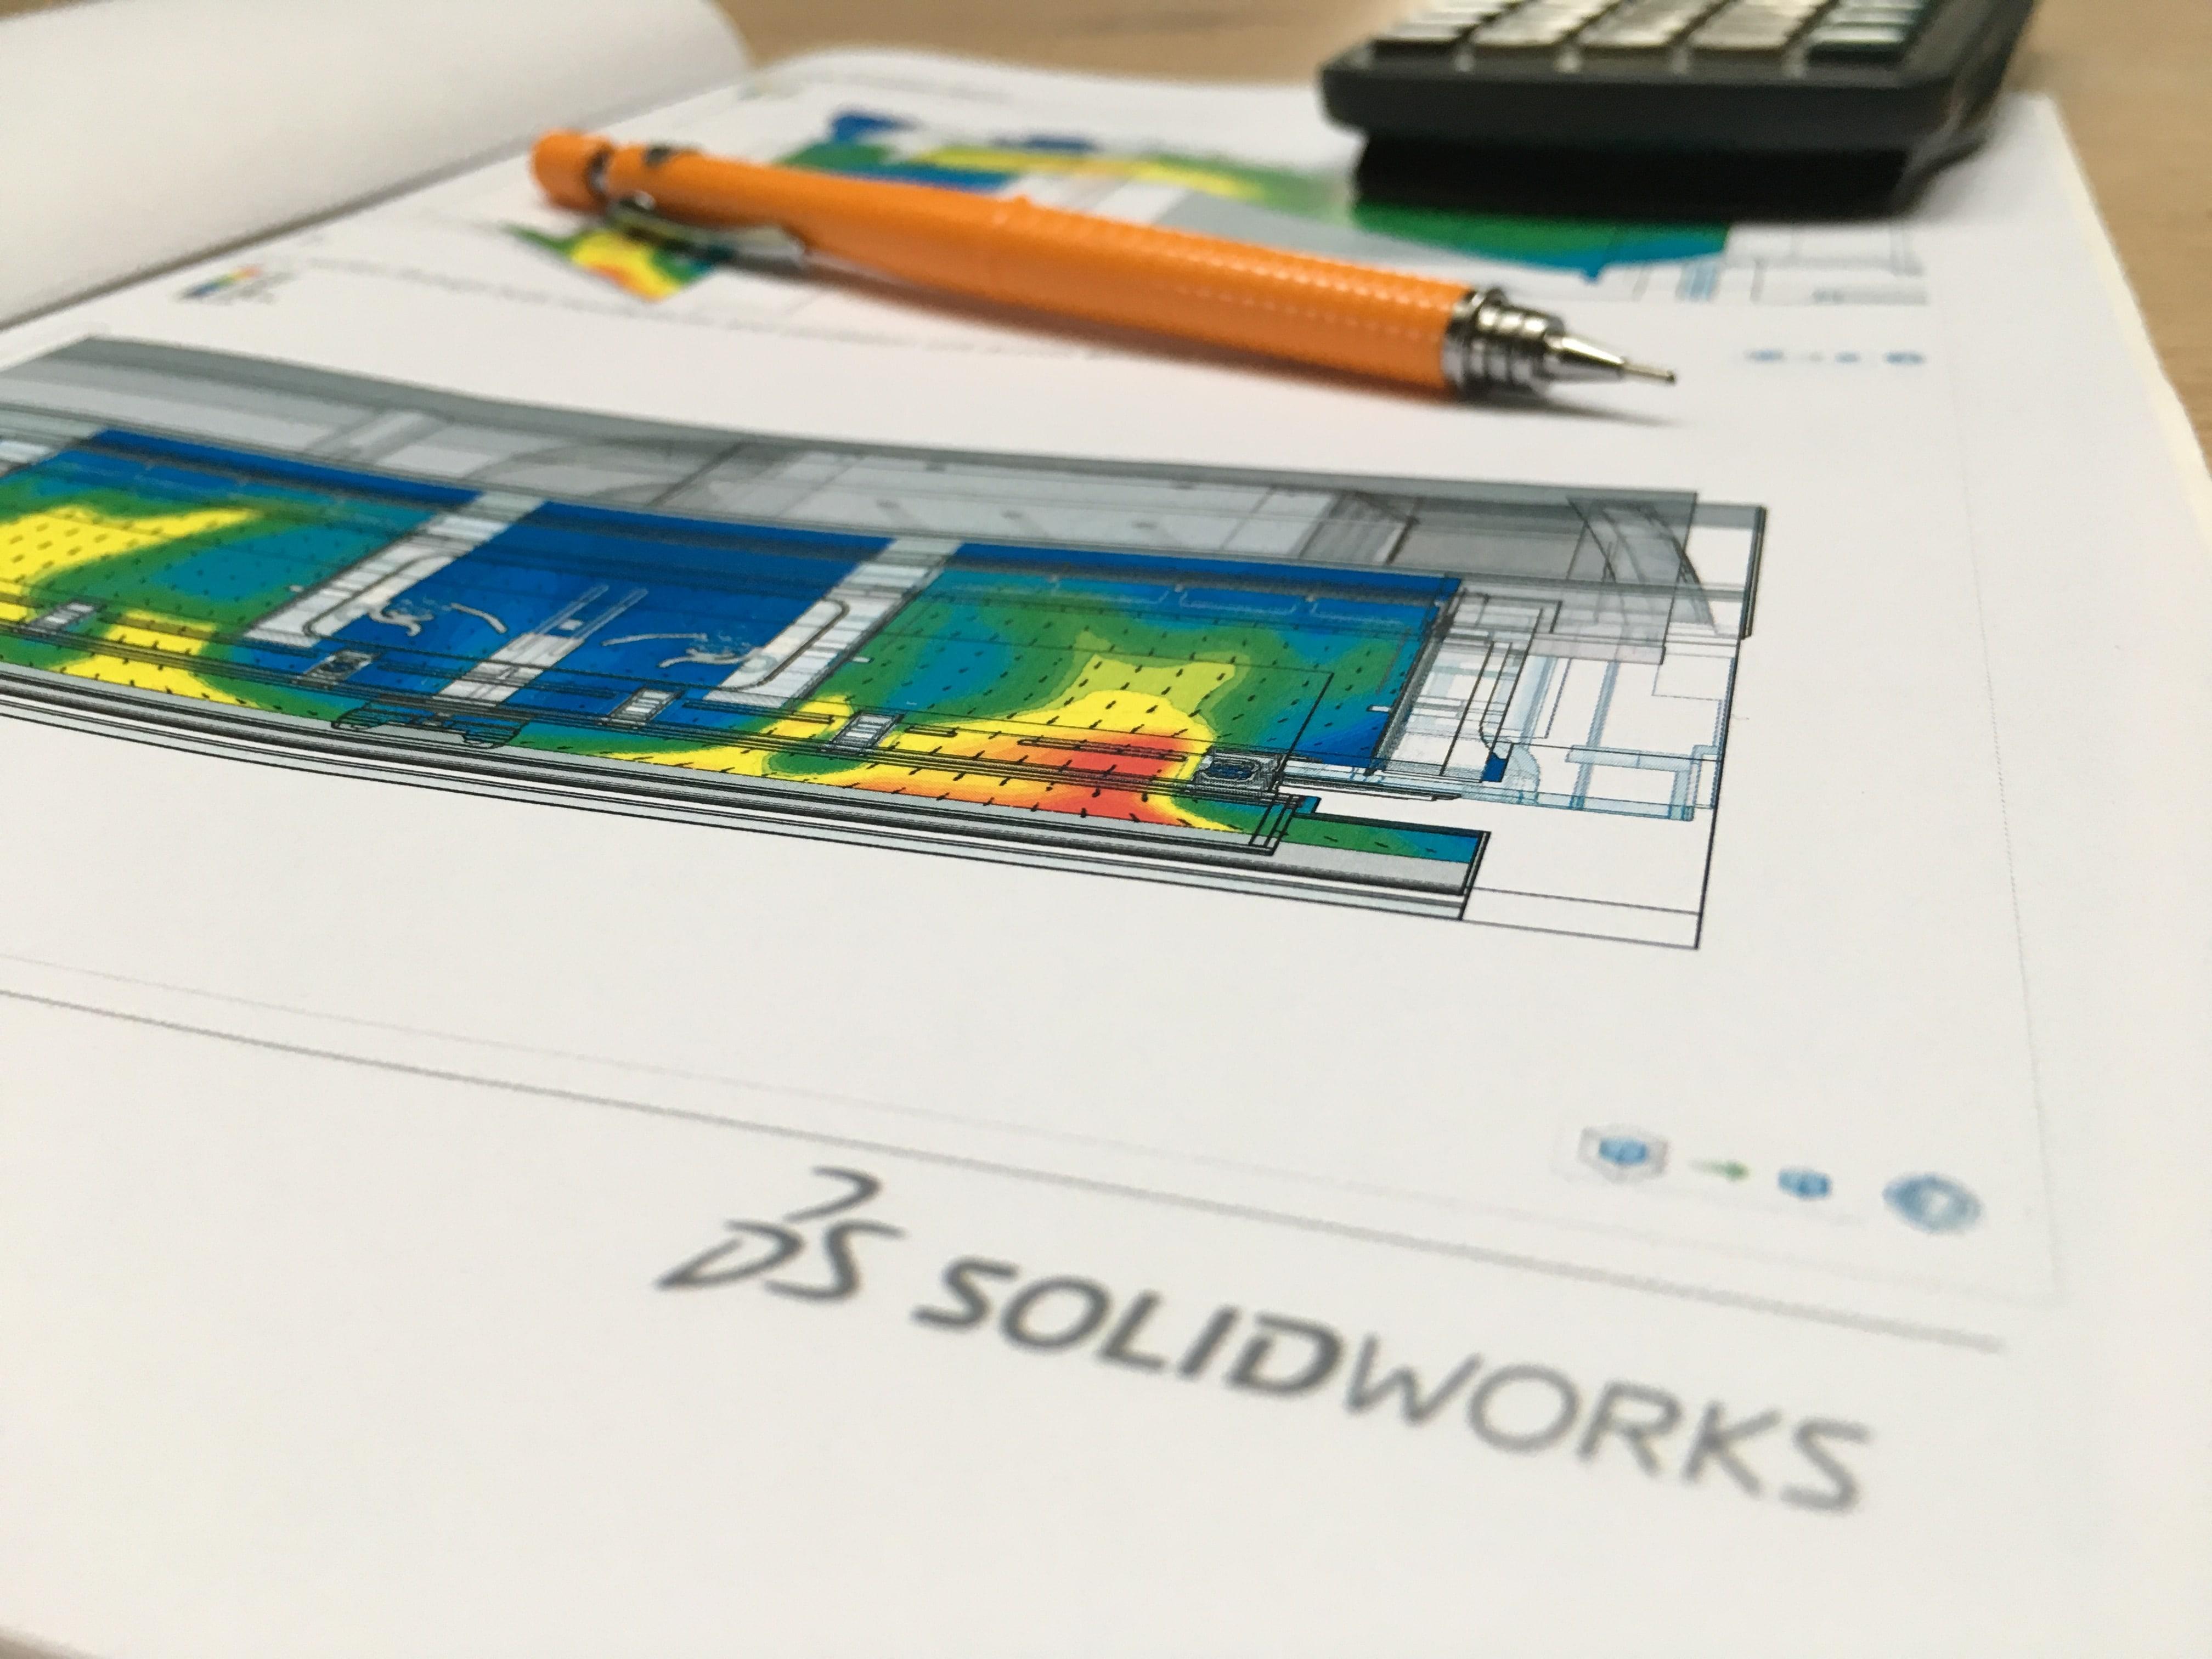 SolidWorks Flowsimulation - eksempel på rapport udarbejdet i programmet